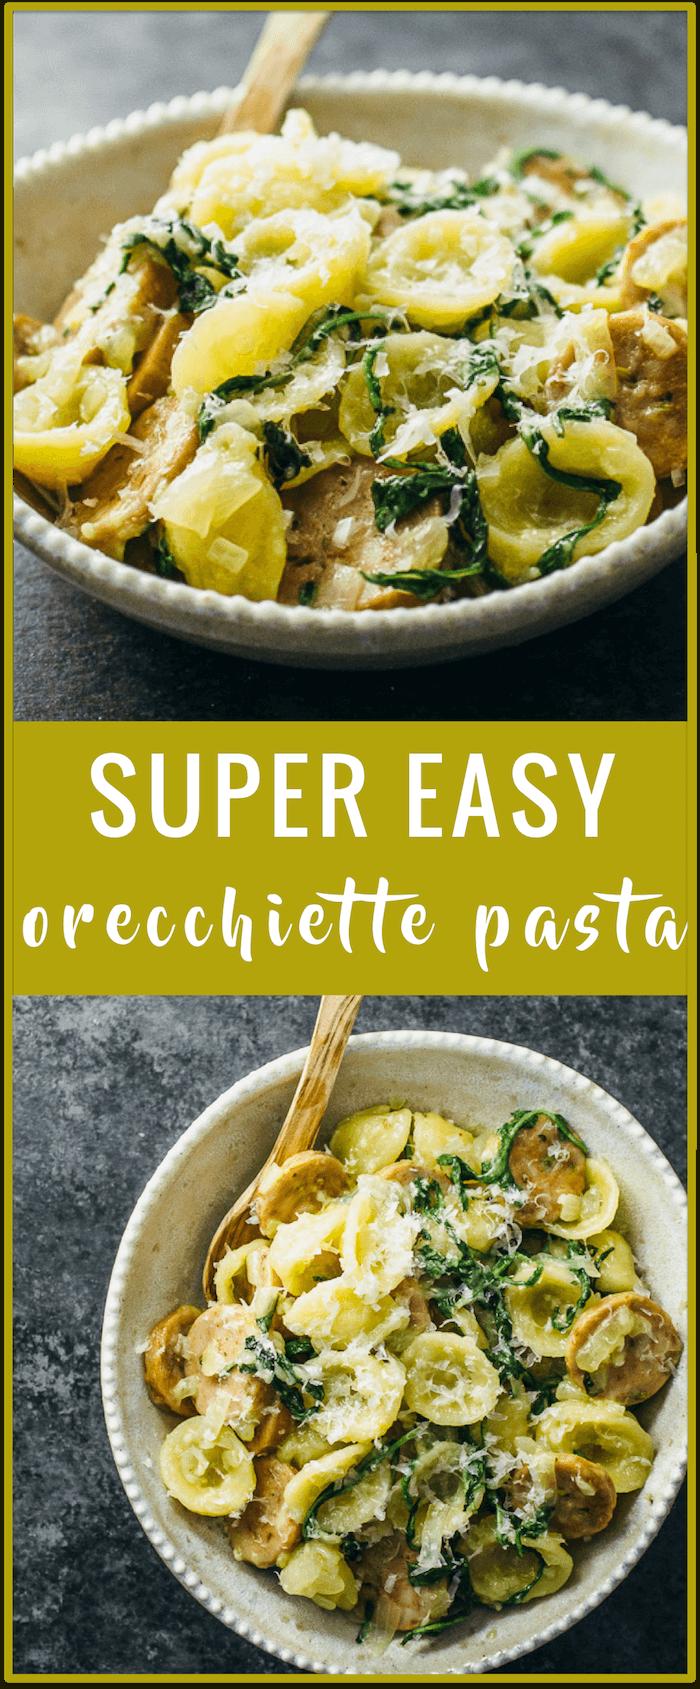 Orecchiette pasta recipe | easy pasta recipe | easy pasta dinner recipe | sausage arugula cheese onion | one pot | cheesy pasta recipe